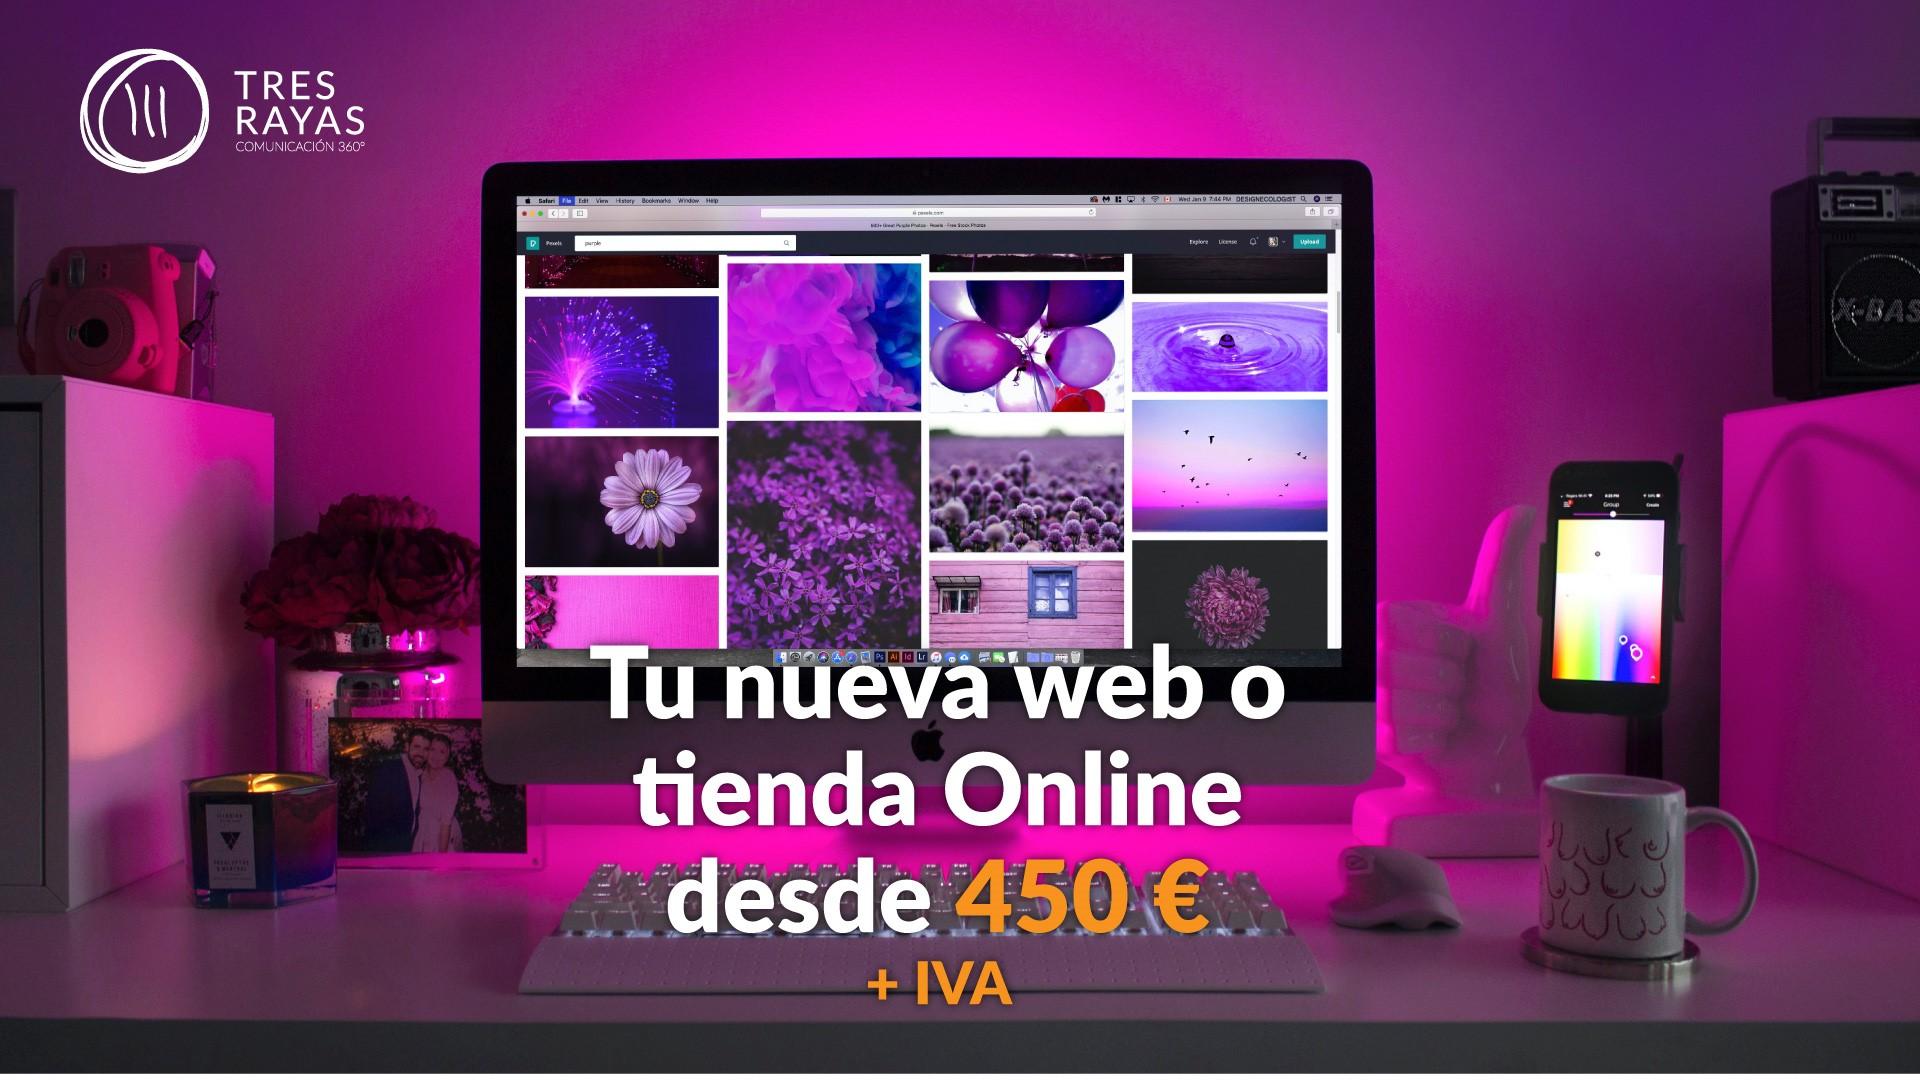 TU NUEVA WEB O TIENDA ONLINE DESDE 450 € + IVA